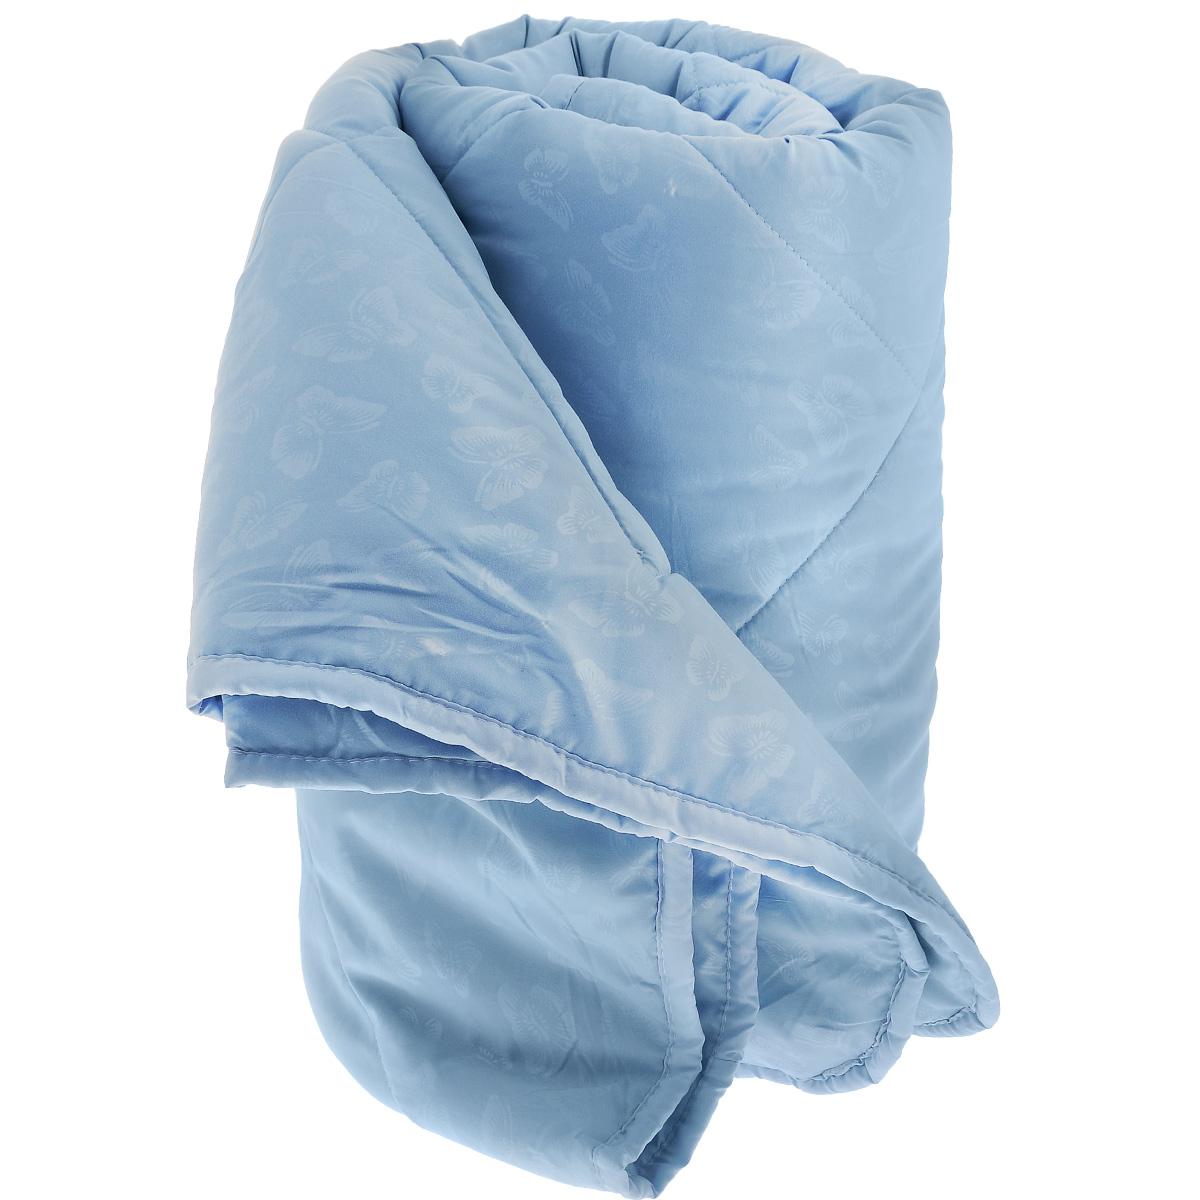 Одеяло La Prima В нежности микрофибры, наполнитель: полиэфирное волокно, цвет: голубой, 140 х 205 см855/0222945/100/949Одеяло La Prima В нежности микрофибры очень легкое, воздушное и одновременно теплое. Идеально подойдет тем, кто ценит мягкость и тепло. Такое изделие подарит комфортный сон. Благодаря особой структуре микроволокна, изделие приобретают дополнительную мягкость и надолго сохраняют свой первоначальный вид. Чехол одеяла выполнен из шелковистой микрофибры, оформленной изящным фактурным теснением в виде бабочек. Наполнитель - полиэфирное волокно - холлотек. Изделие обладает высокой воздухопроницаемостью, прекрасно сохраняет тепло. Оно гипоаллергенно, очень практично и неприхотливо в уходе. Ручная стирка при температуре 30°С. Материал чехла: 100% полиэстер - микрофибра. Наполнитель: полиэфирное волокно - холлотек. Размер: 140 см х 205 см.